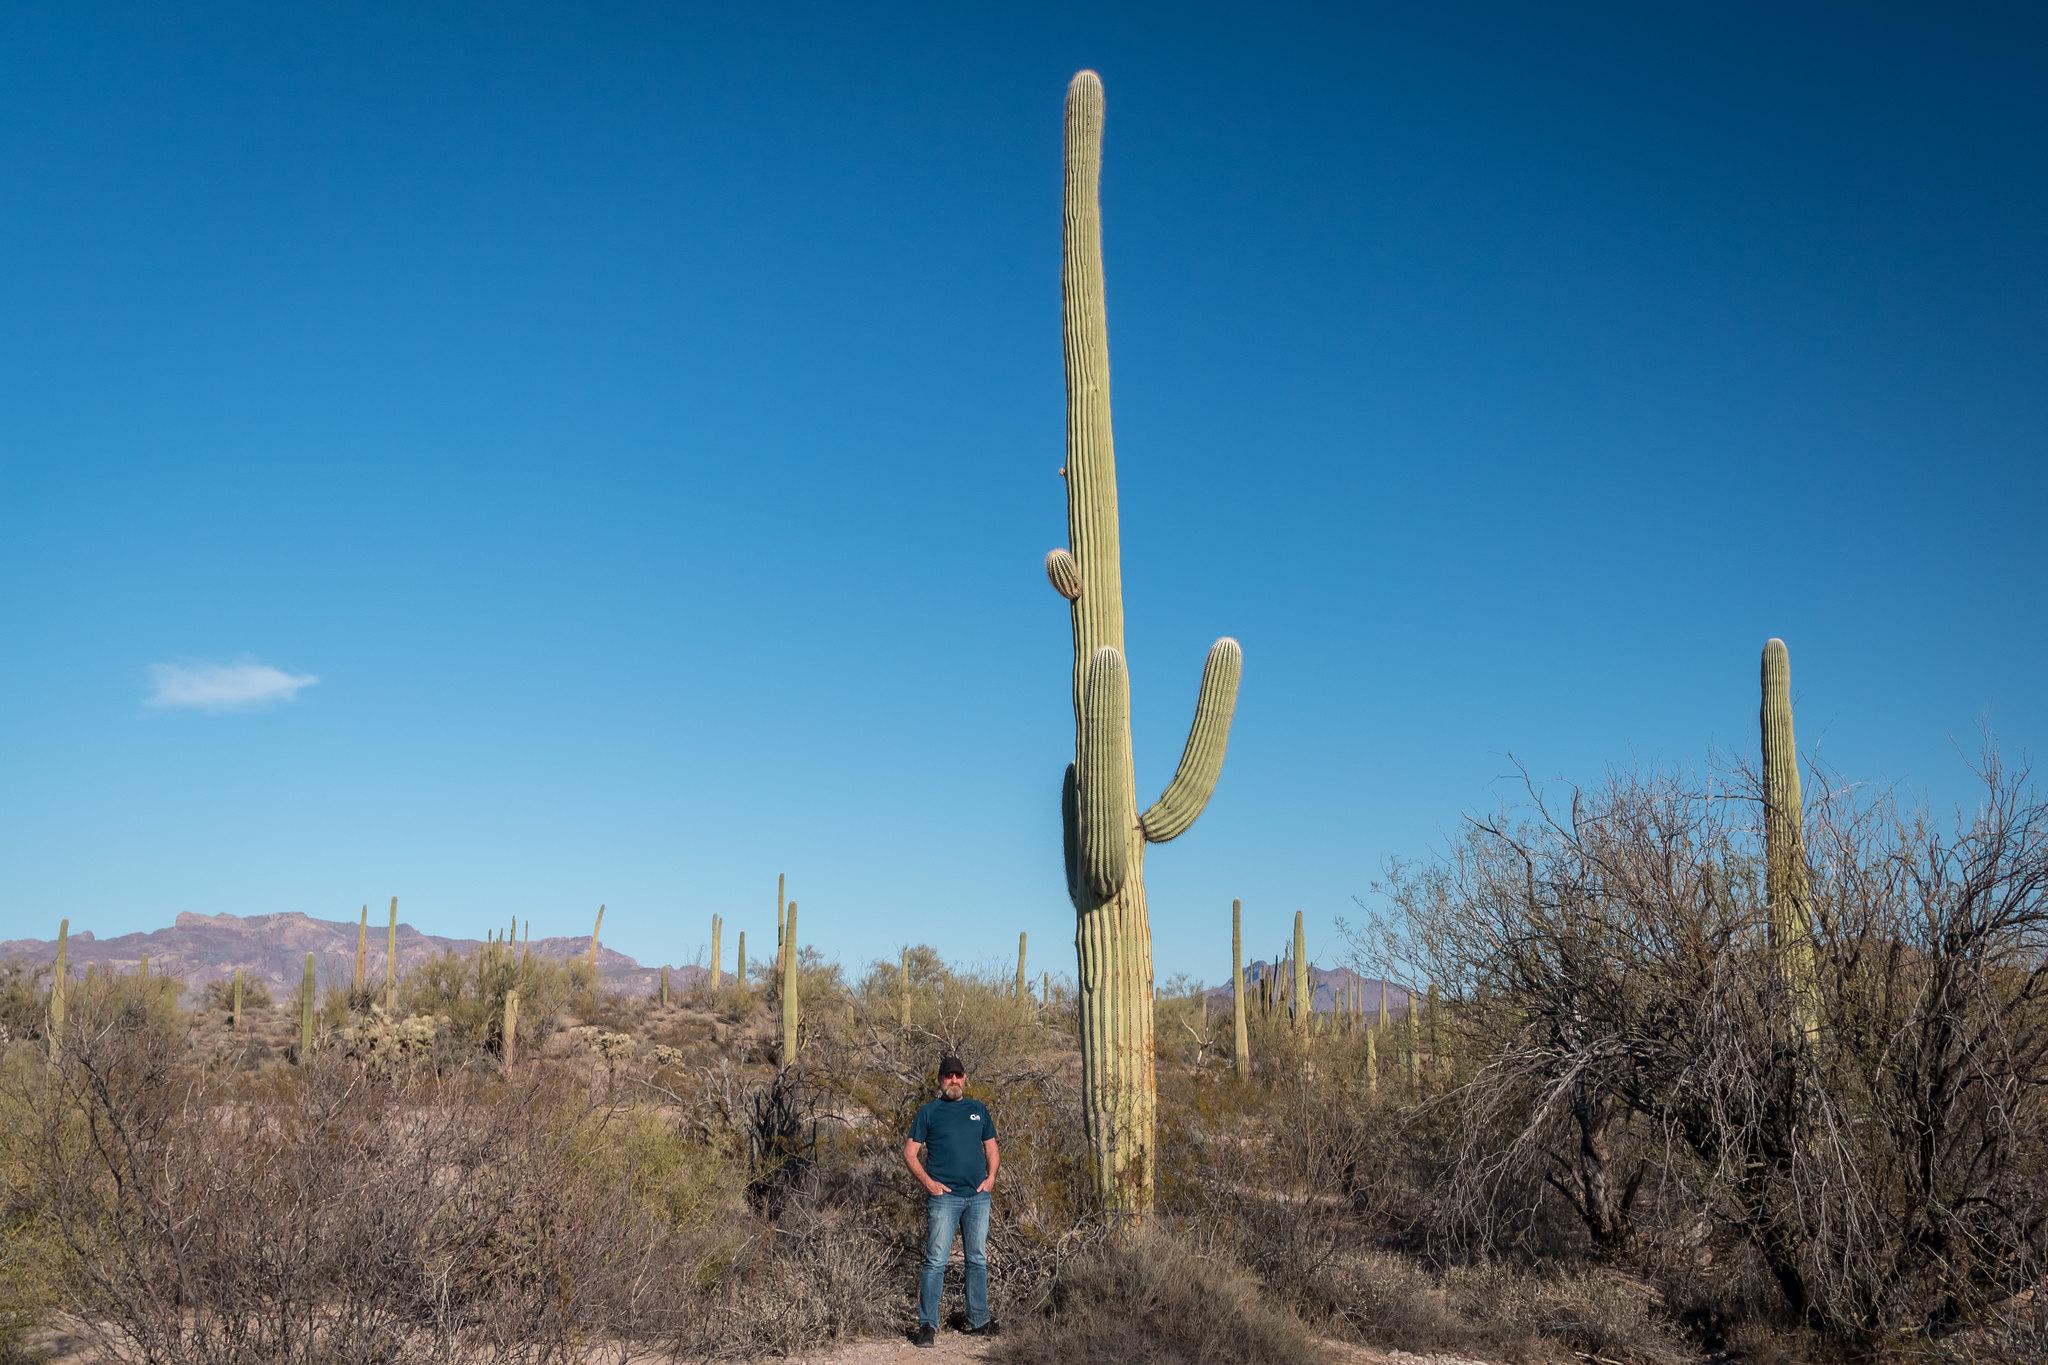 Organ Pipe Cactus NM - Arizona - [USA]